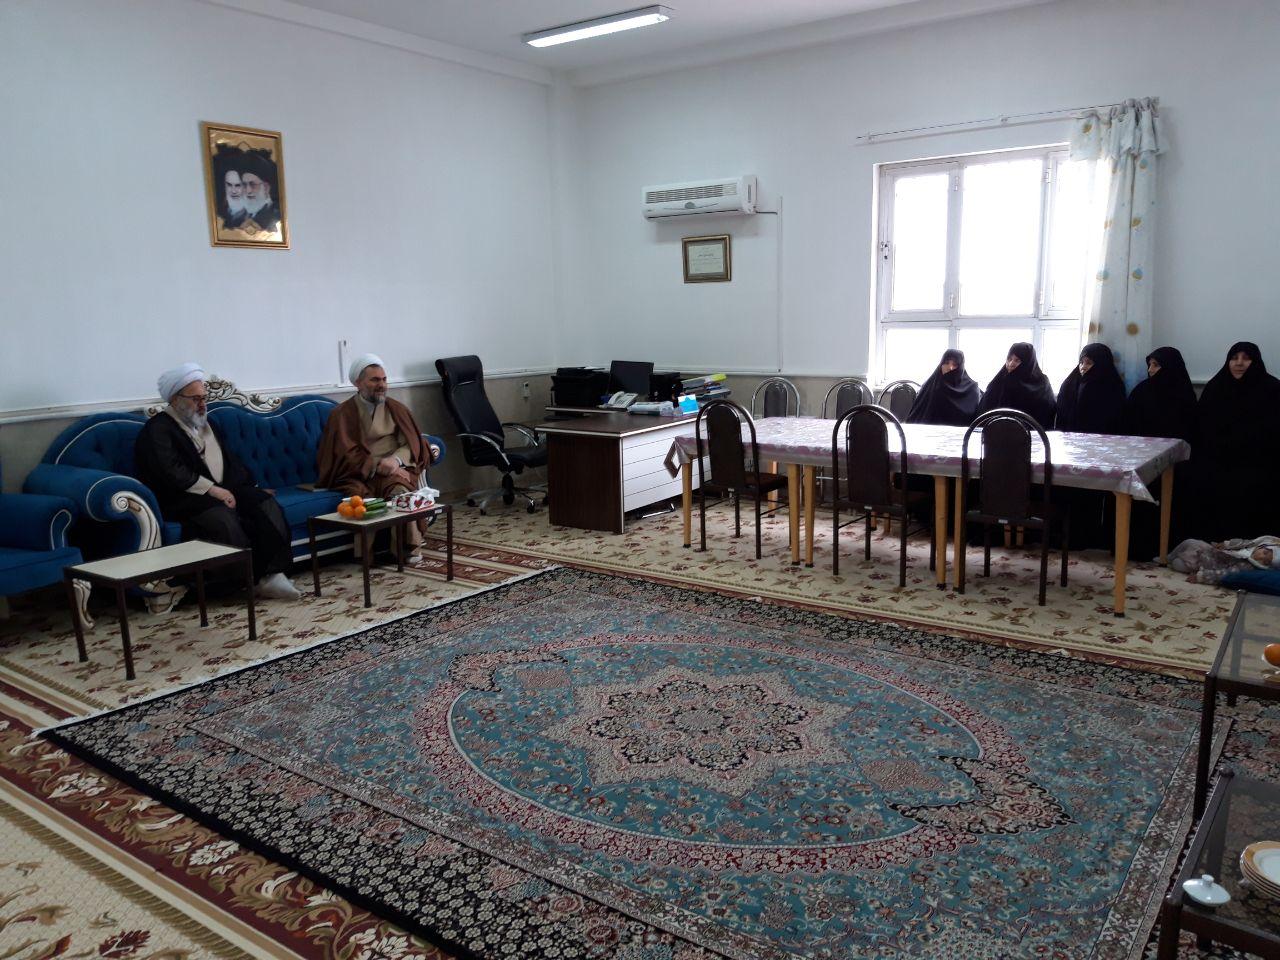 بازدید حجت الاسلام و المسلمین حیدری زاد از مدرسه علمیه فاطمة الزهرا